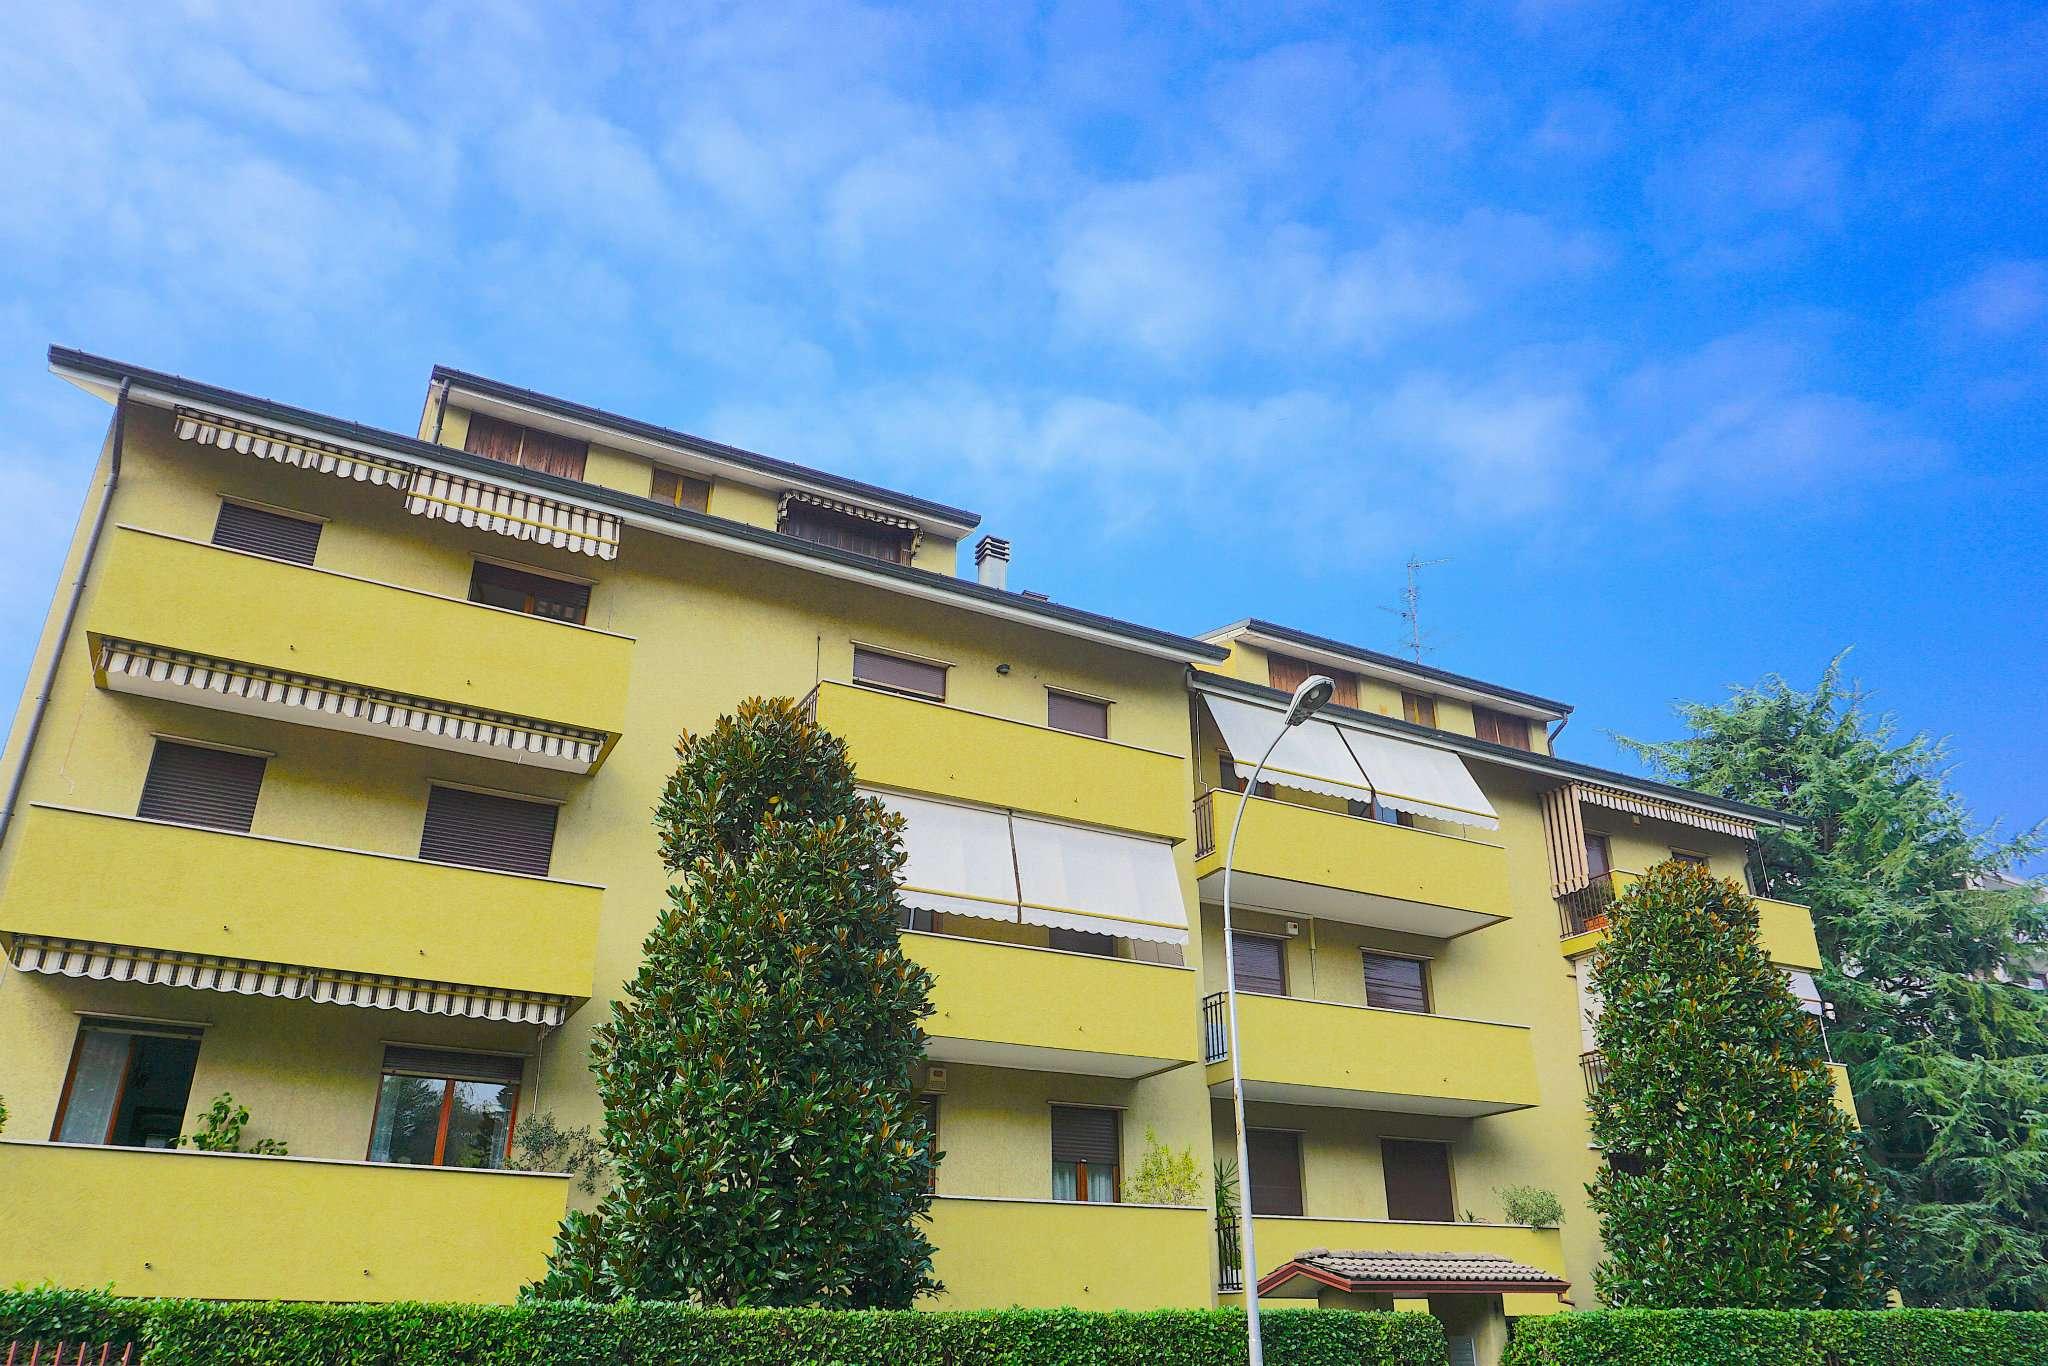 Appartamento in Vendita a Monza: 3 locali, 85 mq